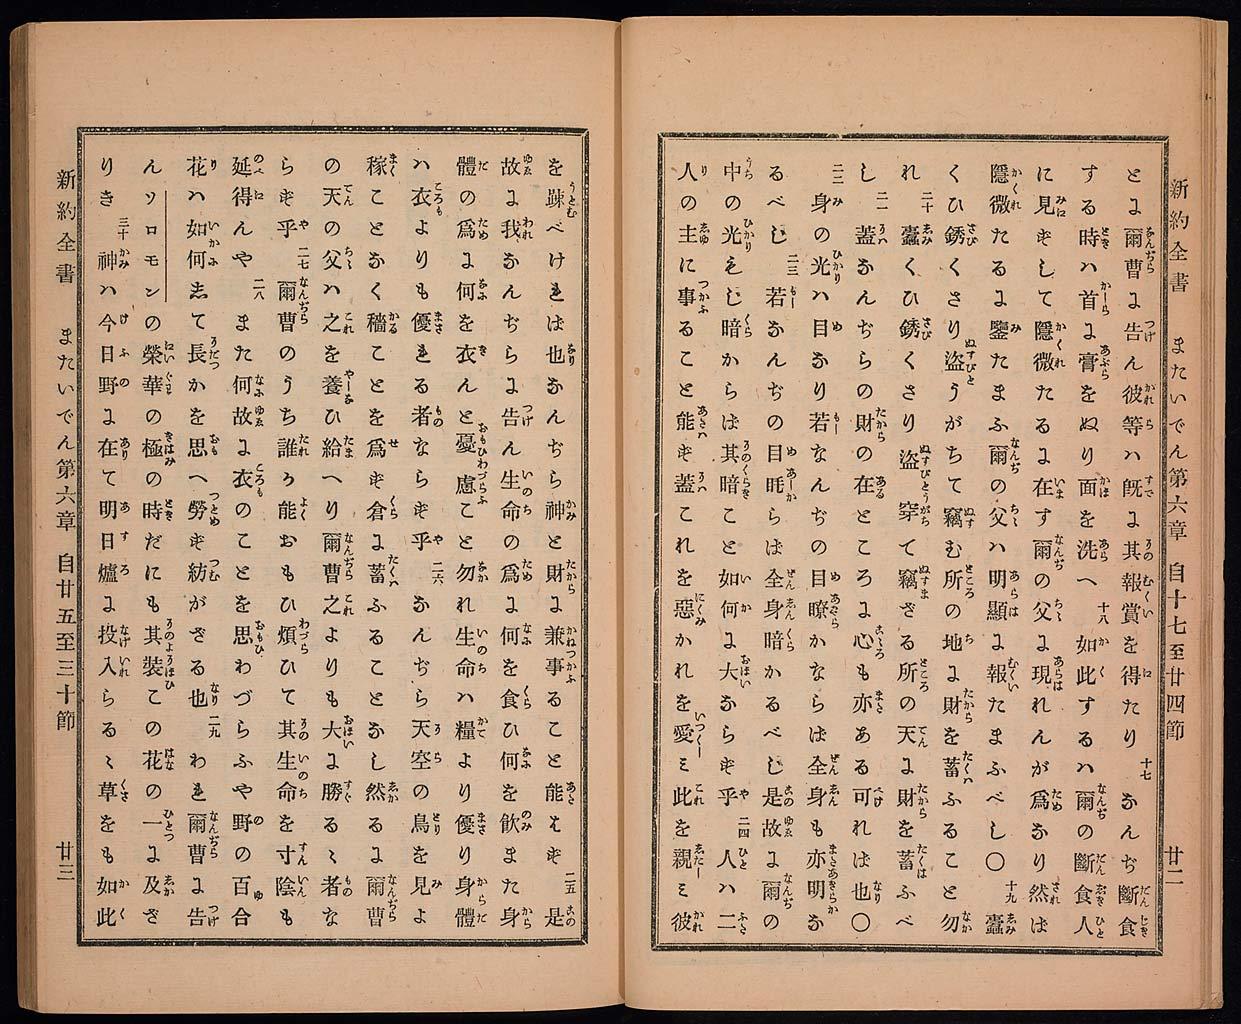 新約聖書馬太伝(マタイによる福音書)の画像(大)|関西学院と聖書